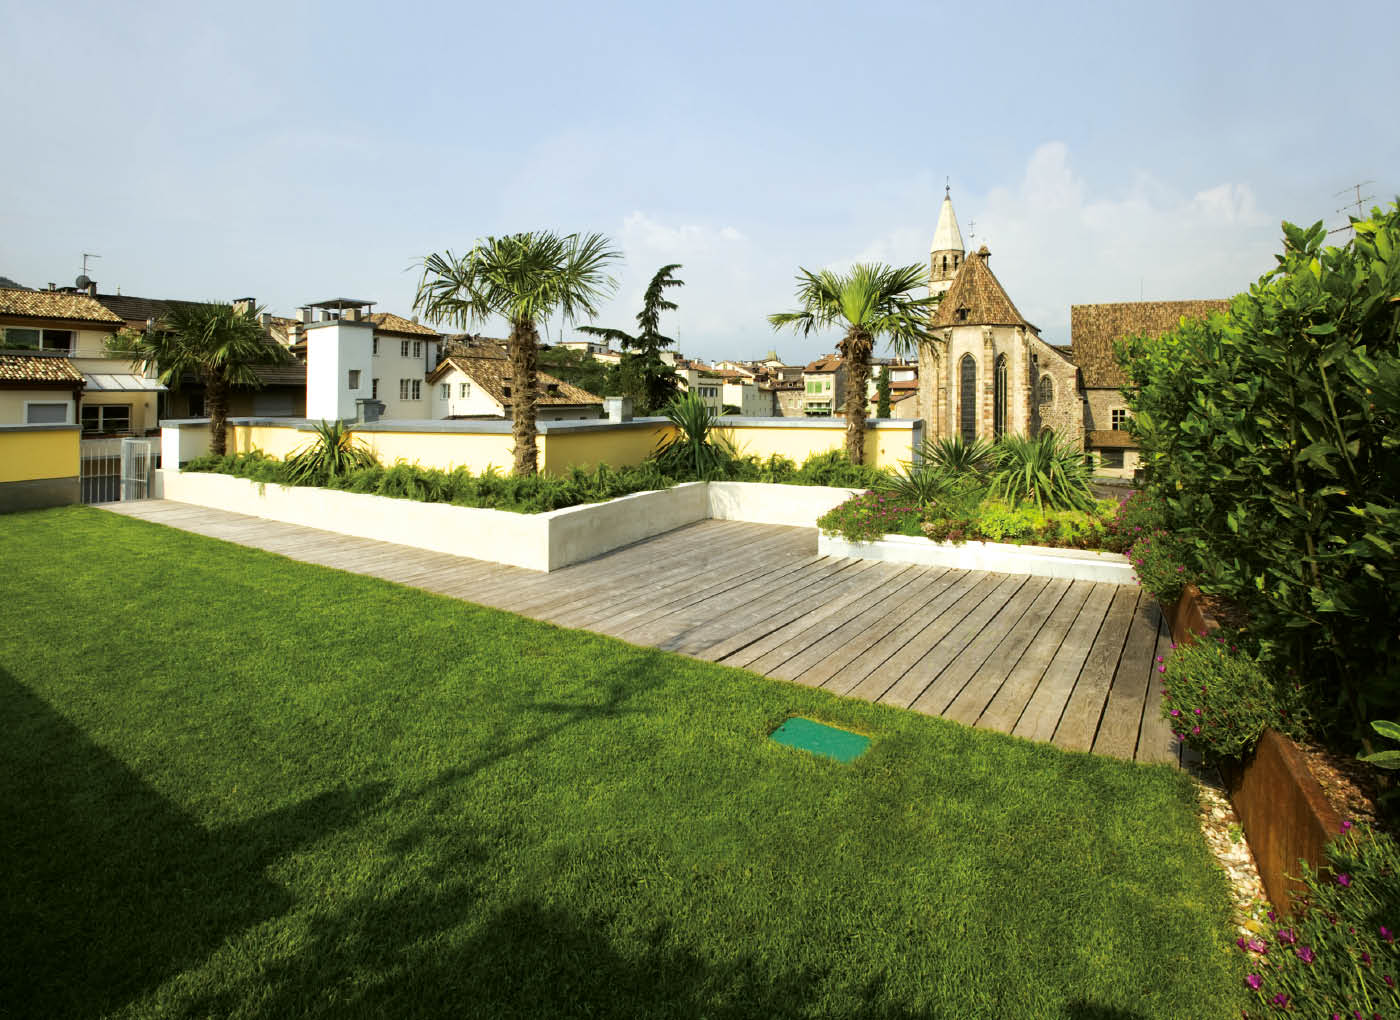 giardino-pensile-argilla-espansa-agrileca-AE12